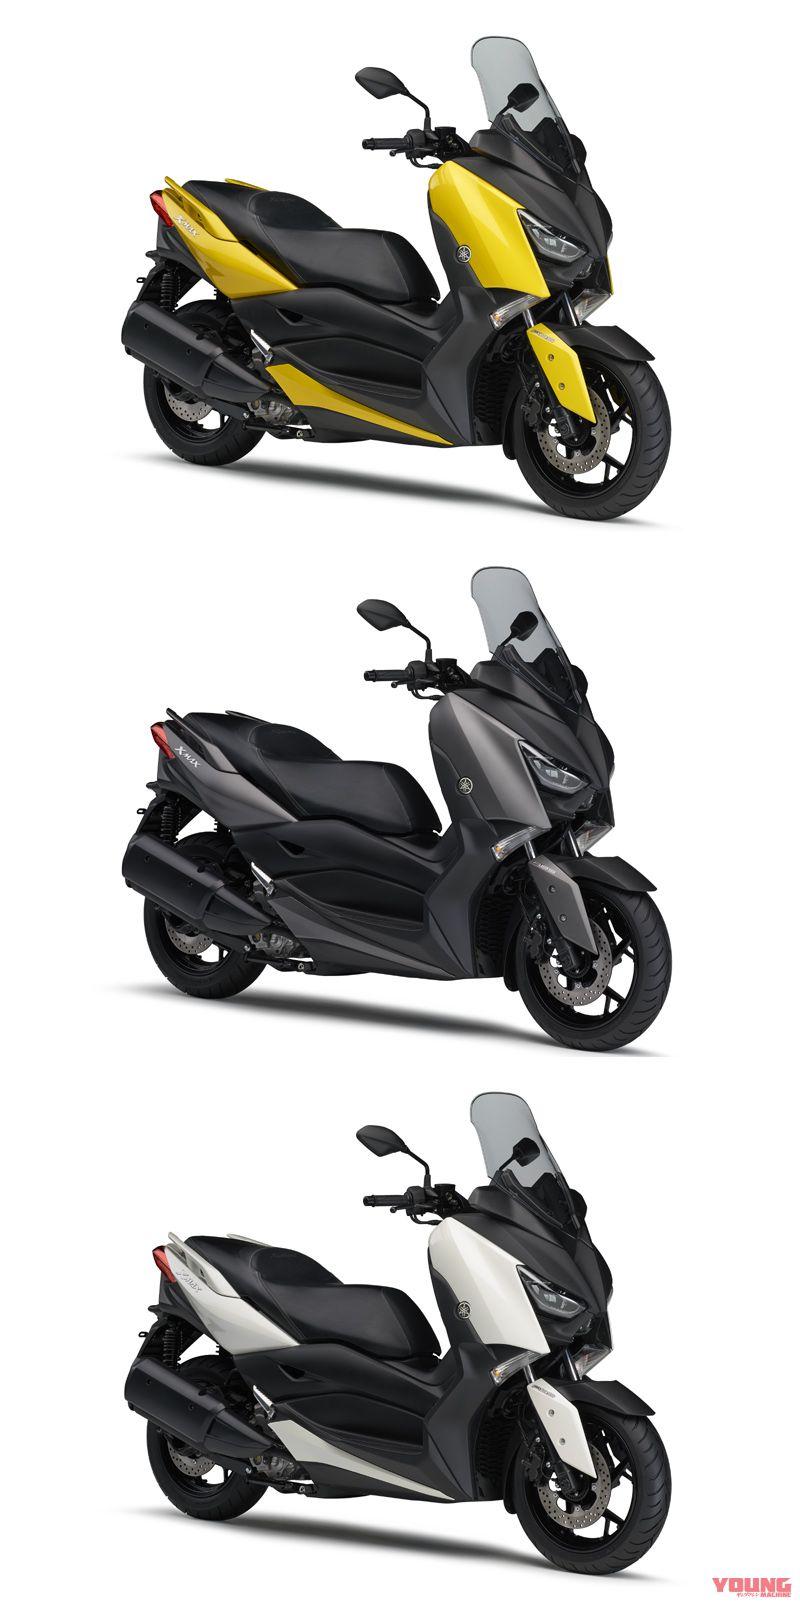 新型xmax absが国内正式発表 webヤングマシン 特濃バイク